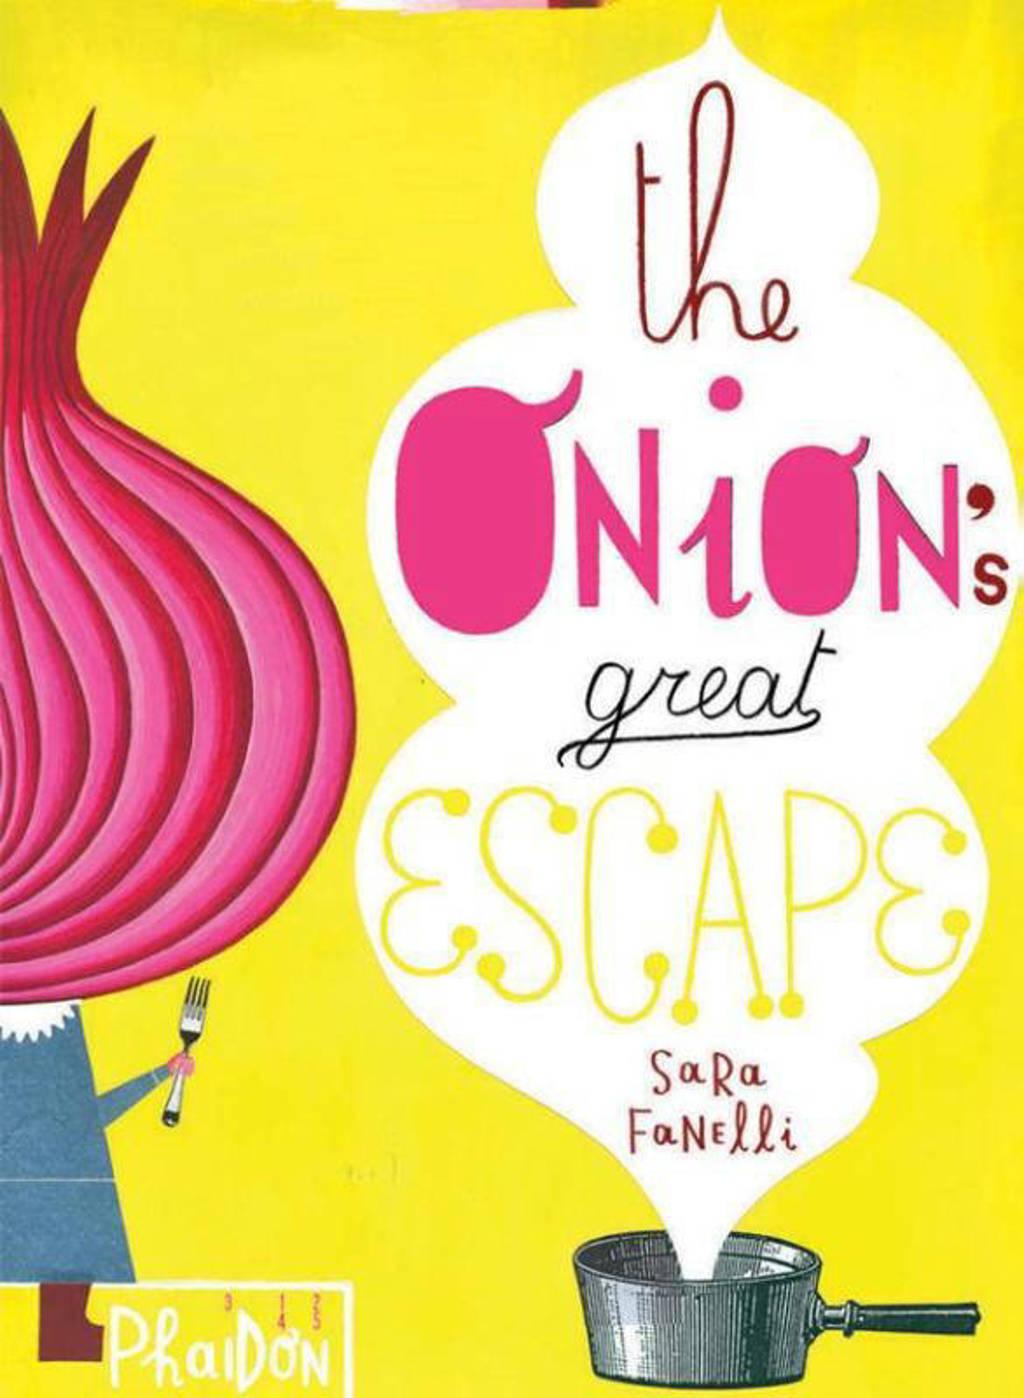 Onion's Great Escape - Fanelli, Sara